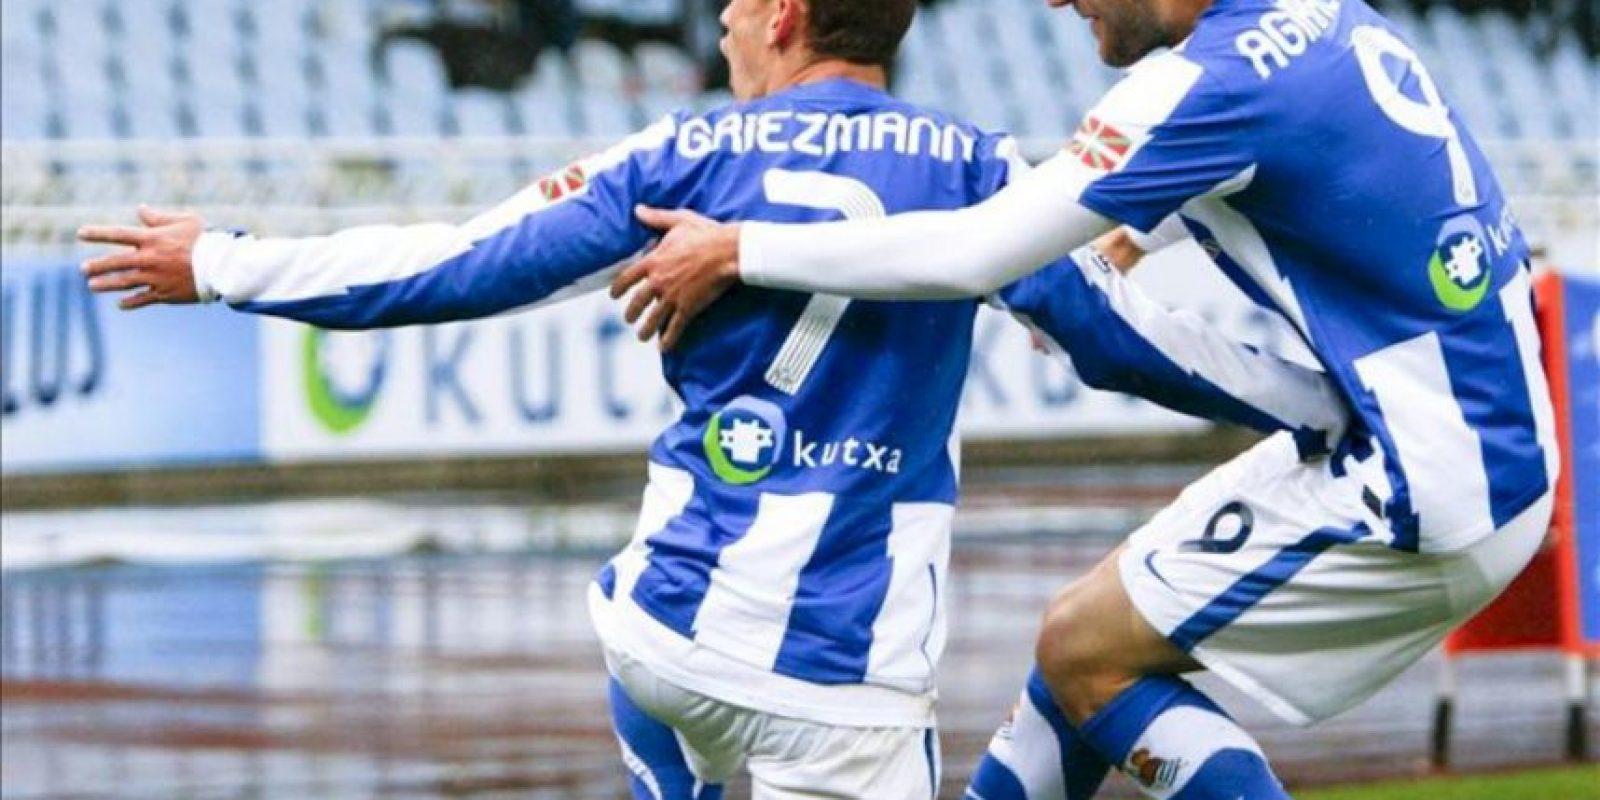 El centrocampista francés de la Real Sociedad Antoine Griezmann (i) celebra su segundo gol, segundo de su equipo, junto a su compañero Imanol Agirretxe durante el partido, correspondiente a la trigésimo sexta jornada de Liga de Primera División, que ha disputado el conjunto vasco con el Racing de Santander en el estadio de Anoeta. EFE